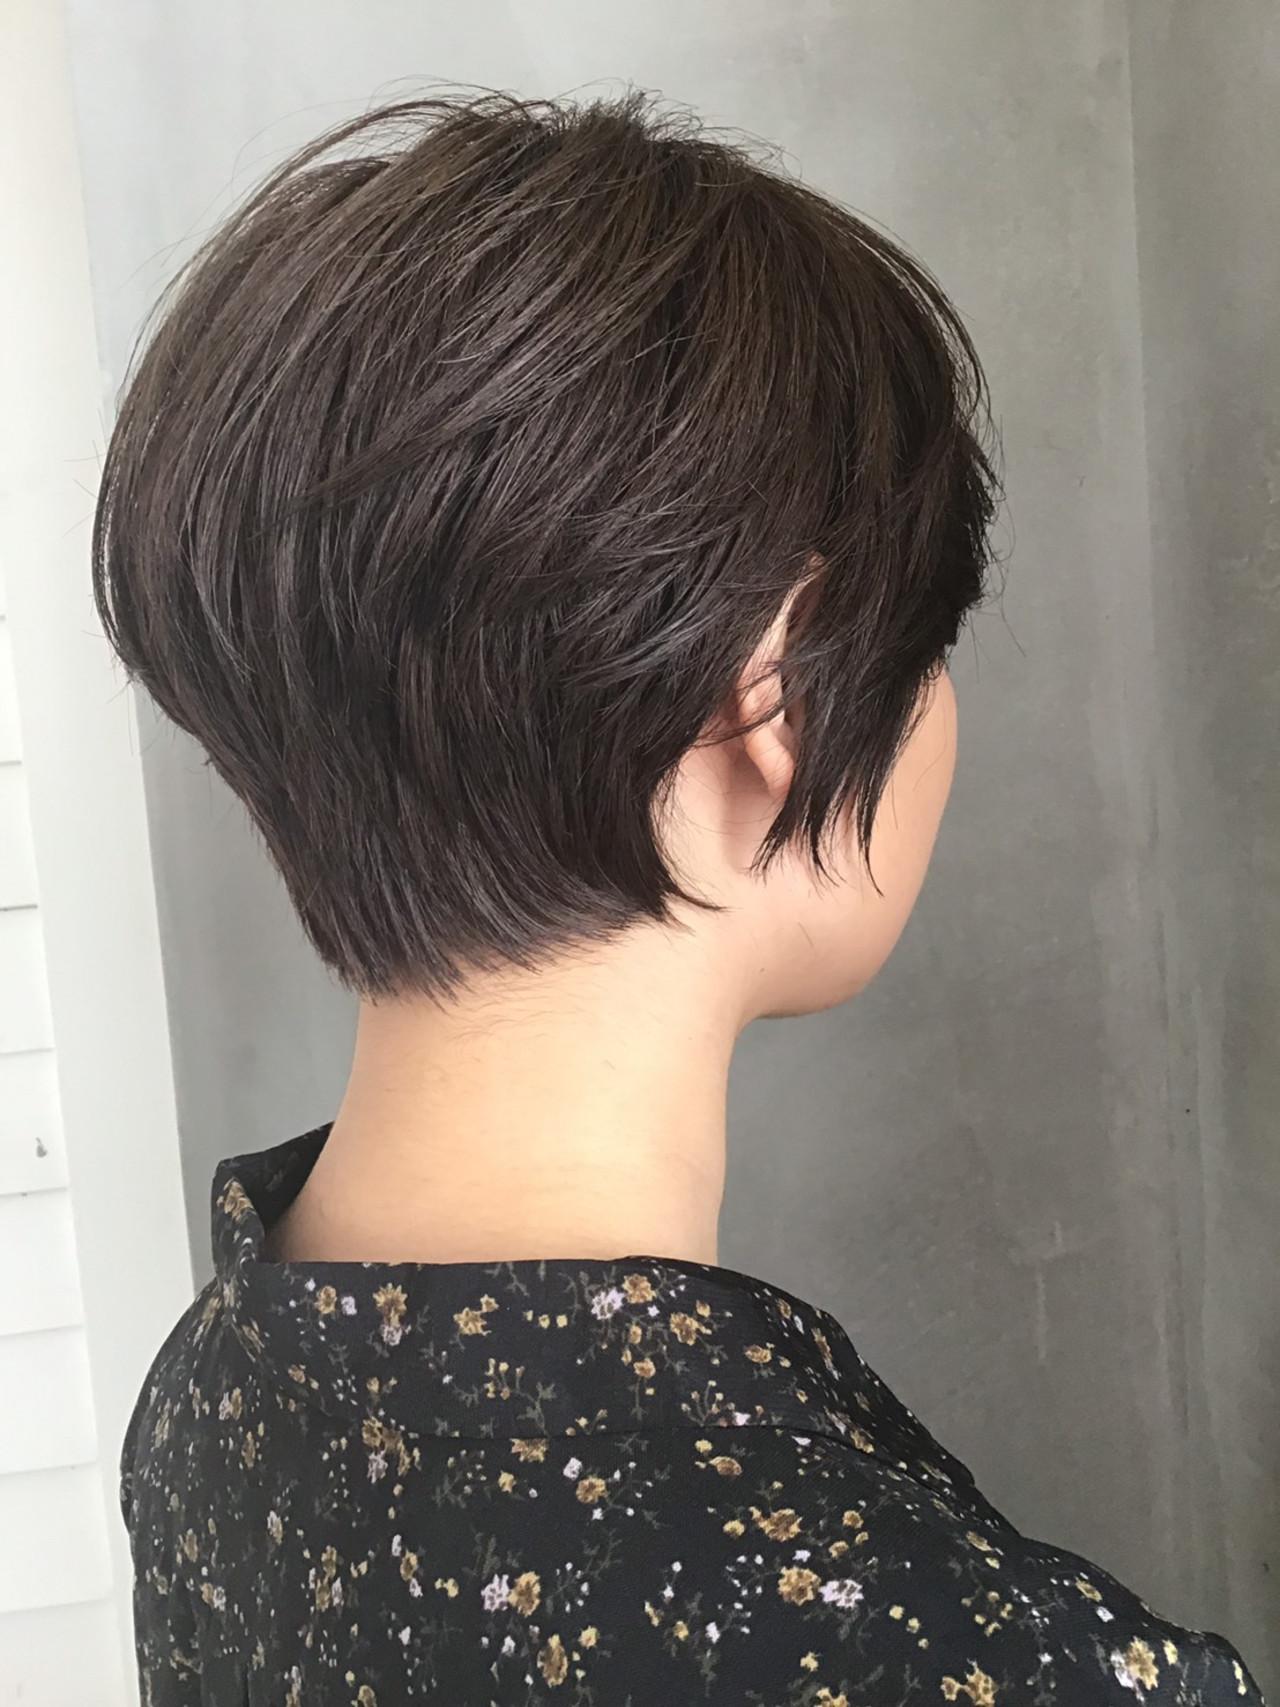 ナチュラル ショート デート ショートヘア ヘアスタイルや髪型の写真・画像 | 佐野カズト / adept 綾瀬店